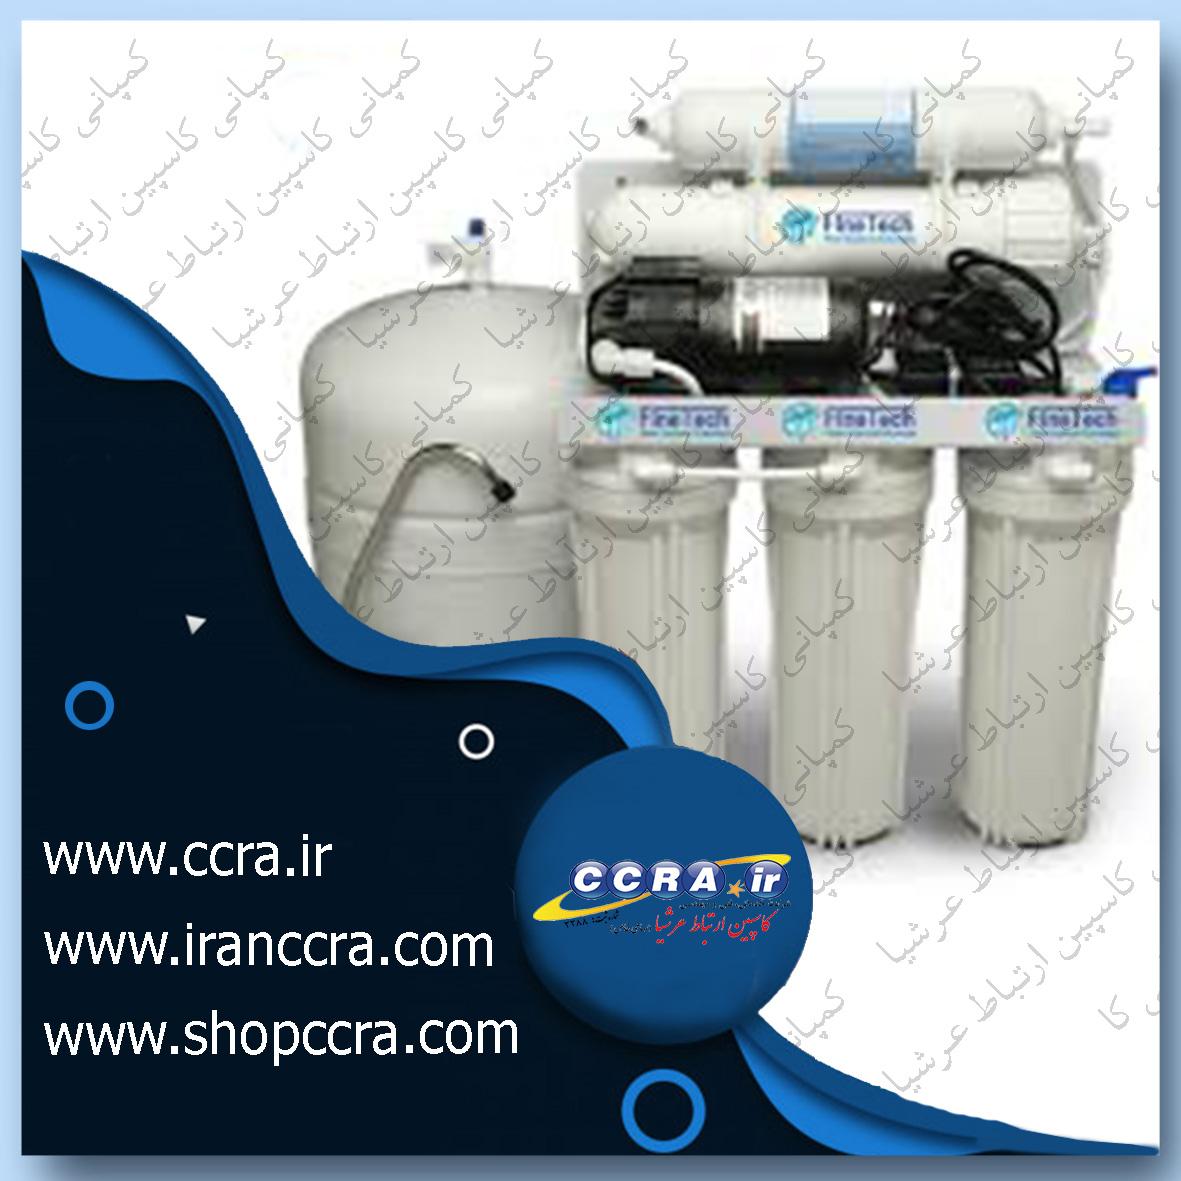 دور ریز آب دستگاه های تصفیه آب خانگی آکوالایف چقدر است؟